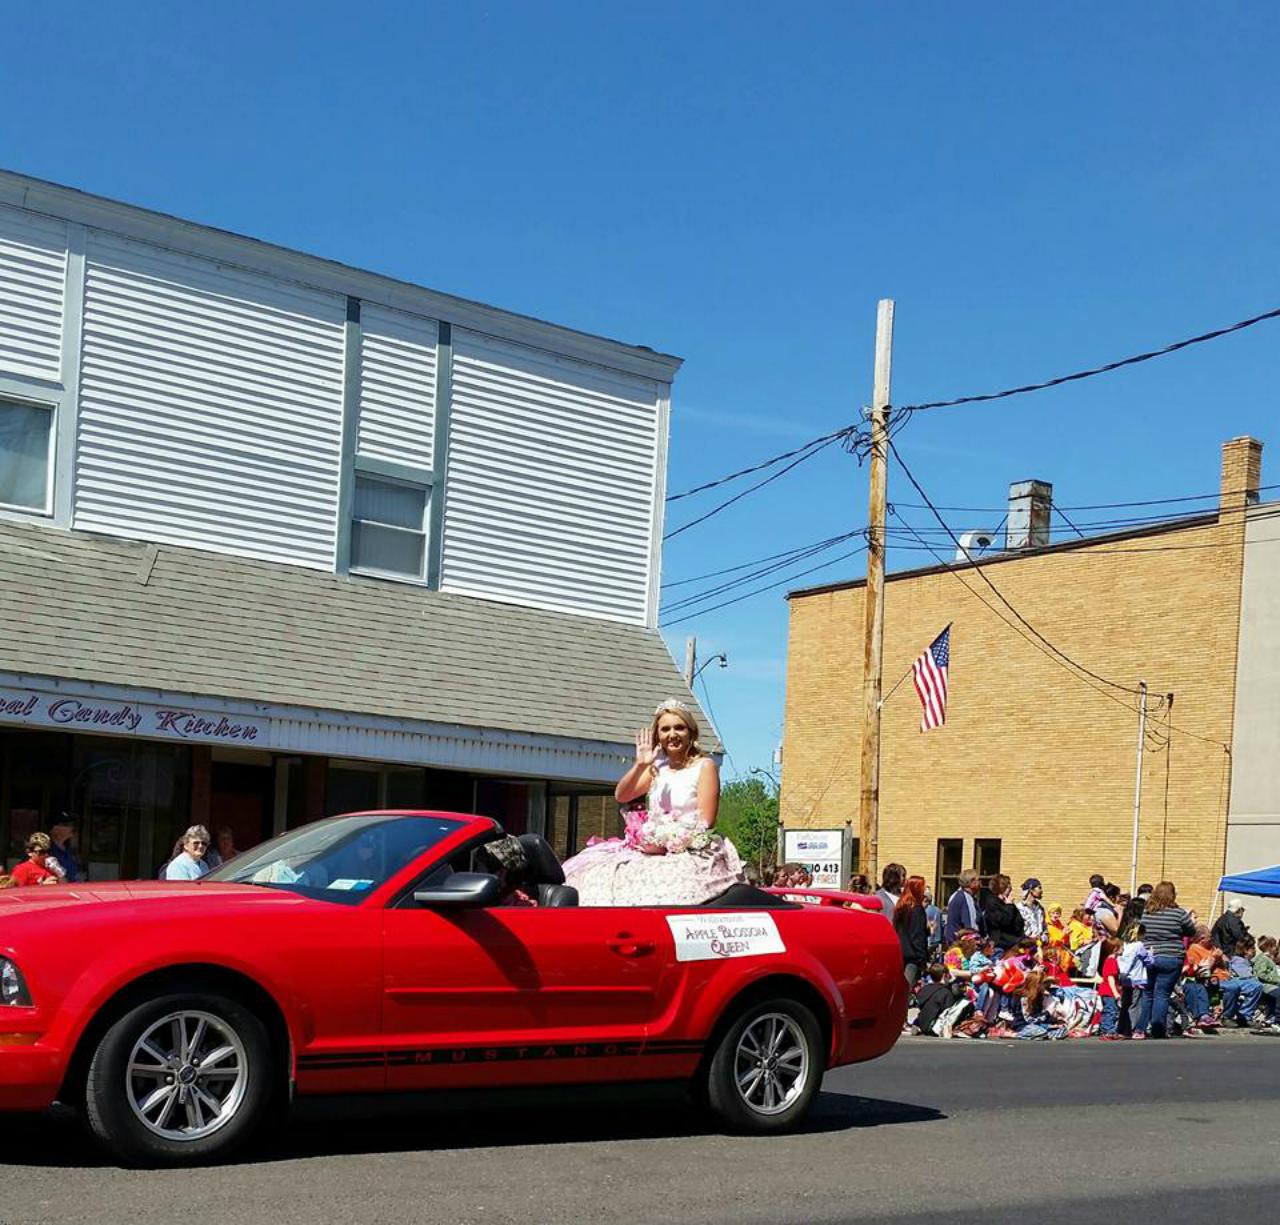 Festival queen rides through Williamson (photo)